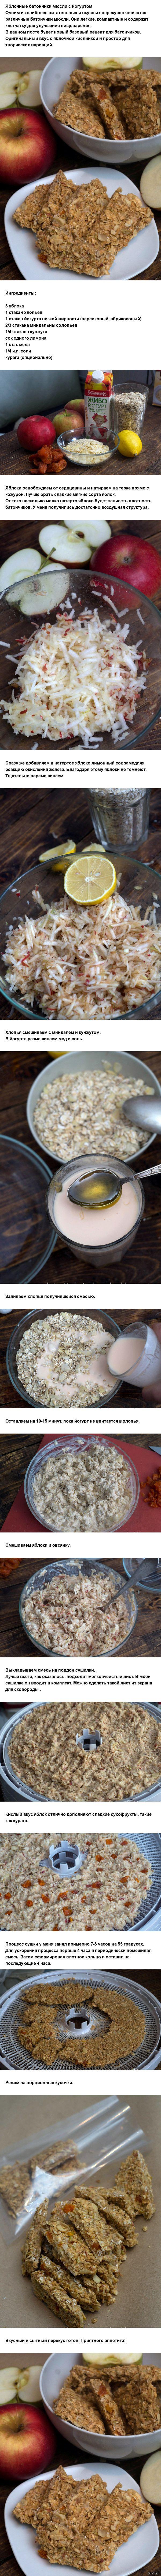 Яблочные батончики мюсли с йогуртом Самодельный рецепт мюсли . Осторожно копипаста !